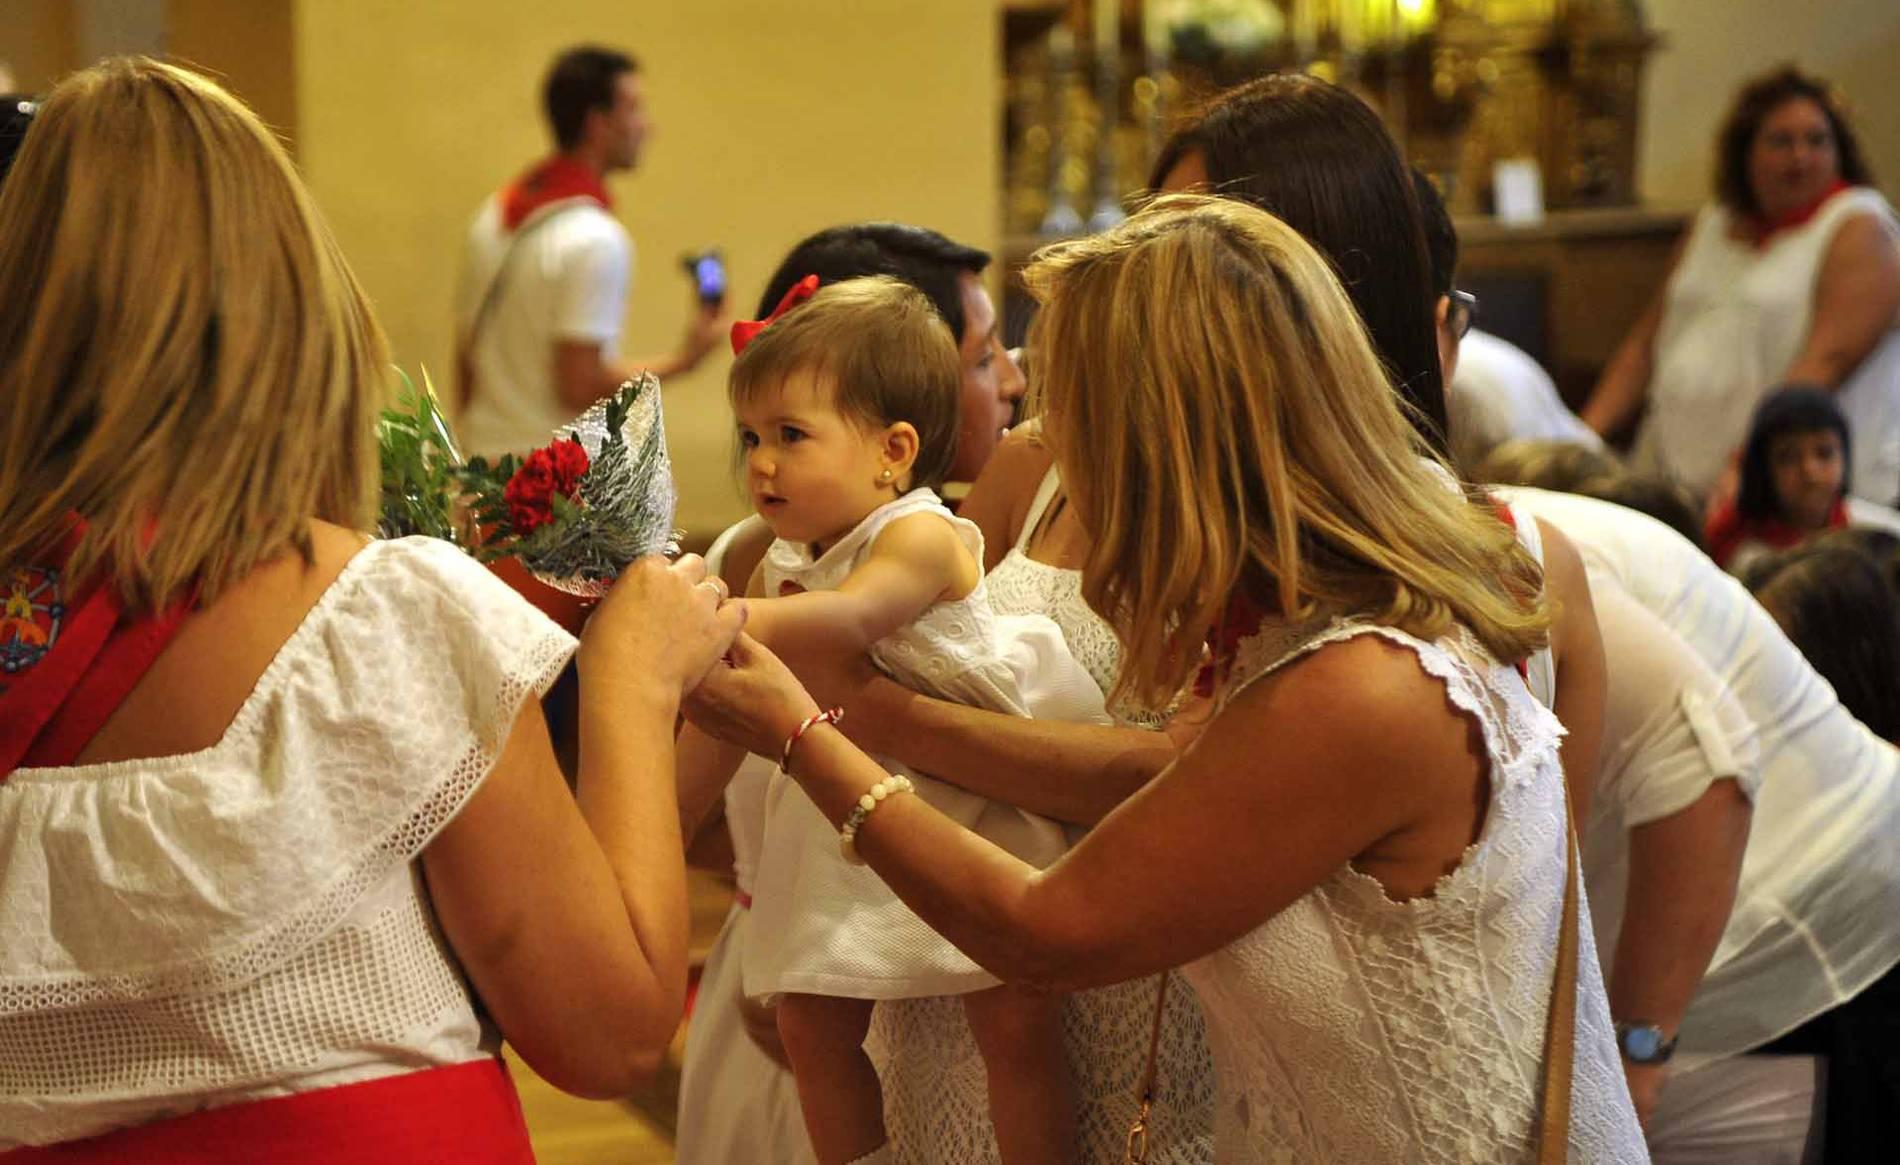 Día infantil en las fiestas de Peralta (1/43) - Imágenes de la jornada dedicada a los niños. - Tafalla y Zona Media -